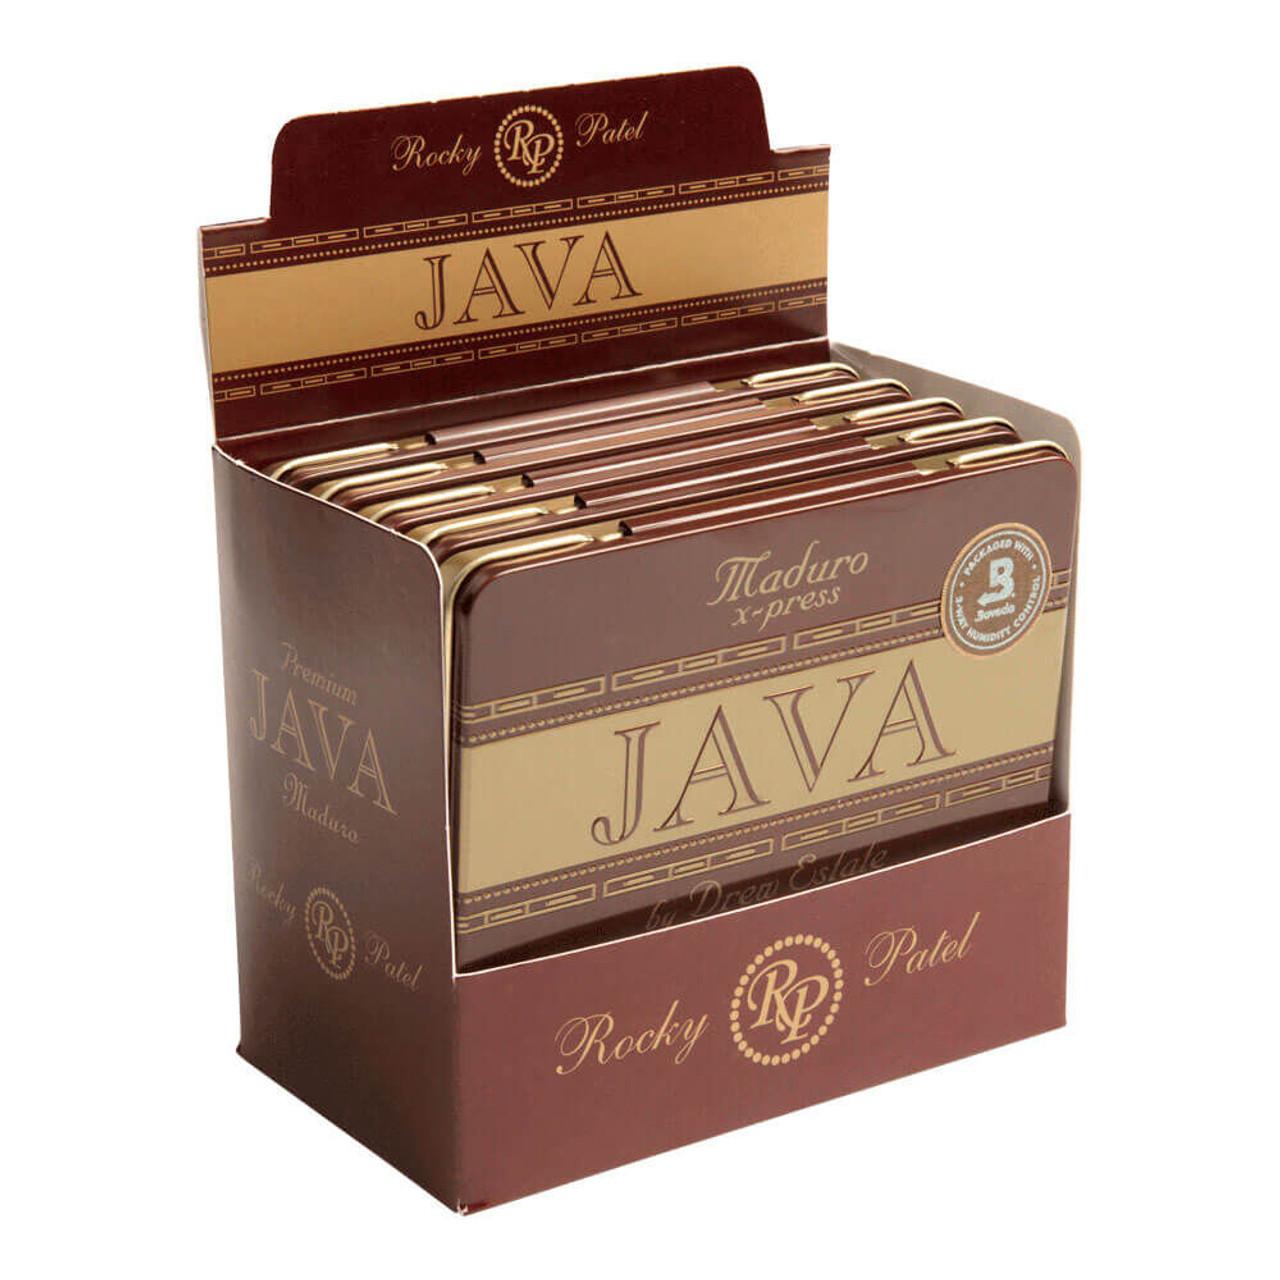 Rocky Patel Java Maduro X Press Cigars - 4 x 32 (5 Tins of 10 (50 total))